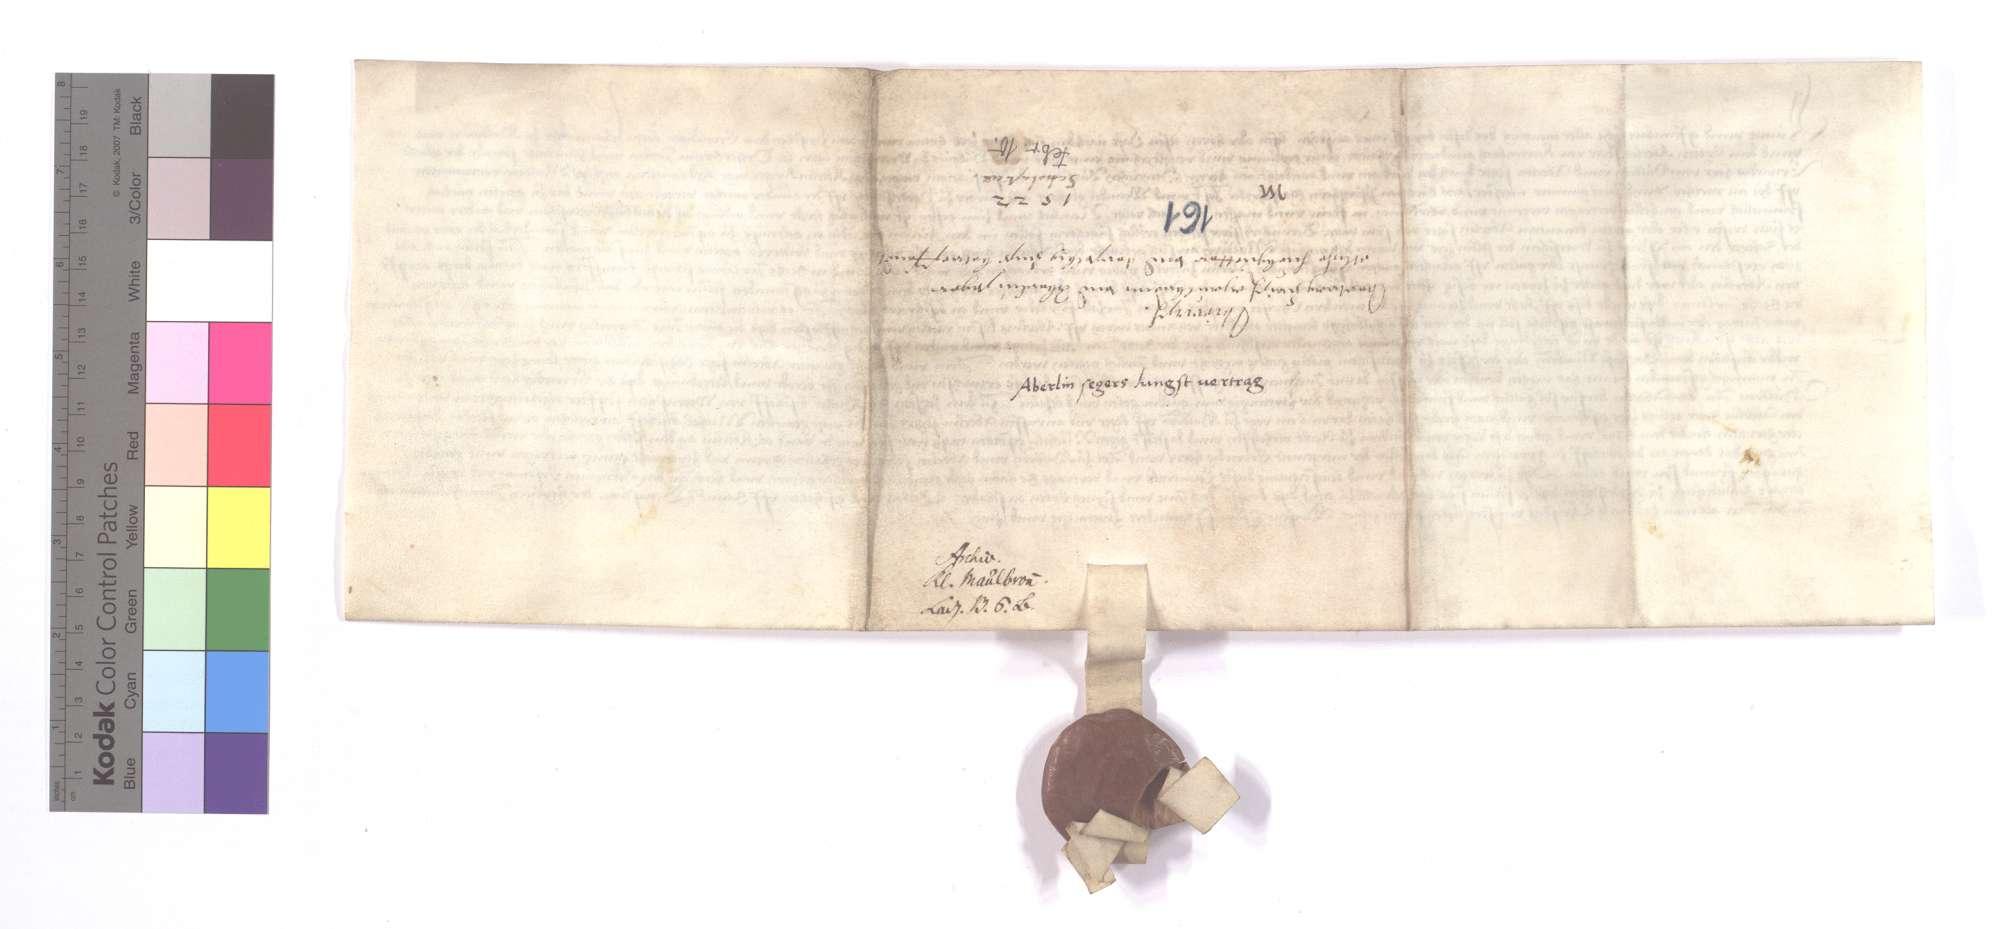 Vertrag zwischen dem Kloster Maulbronn und Aberlin Seger von Kürnbach (Kurimbach) wegen der Teilung und Vergleichung eines Hubgutes (Huobguts) in Wiernsheim., Rückseite